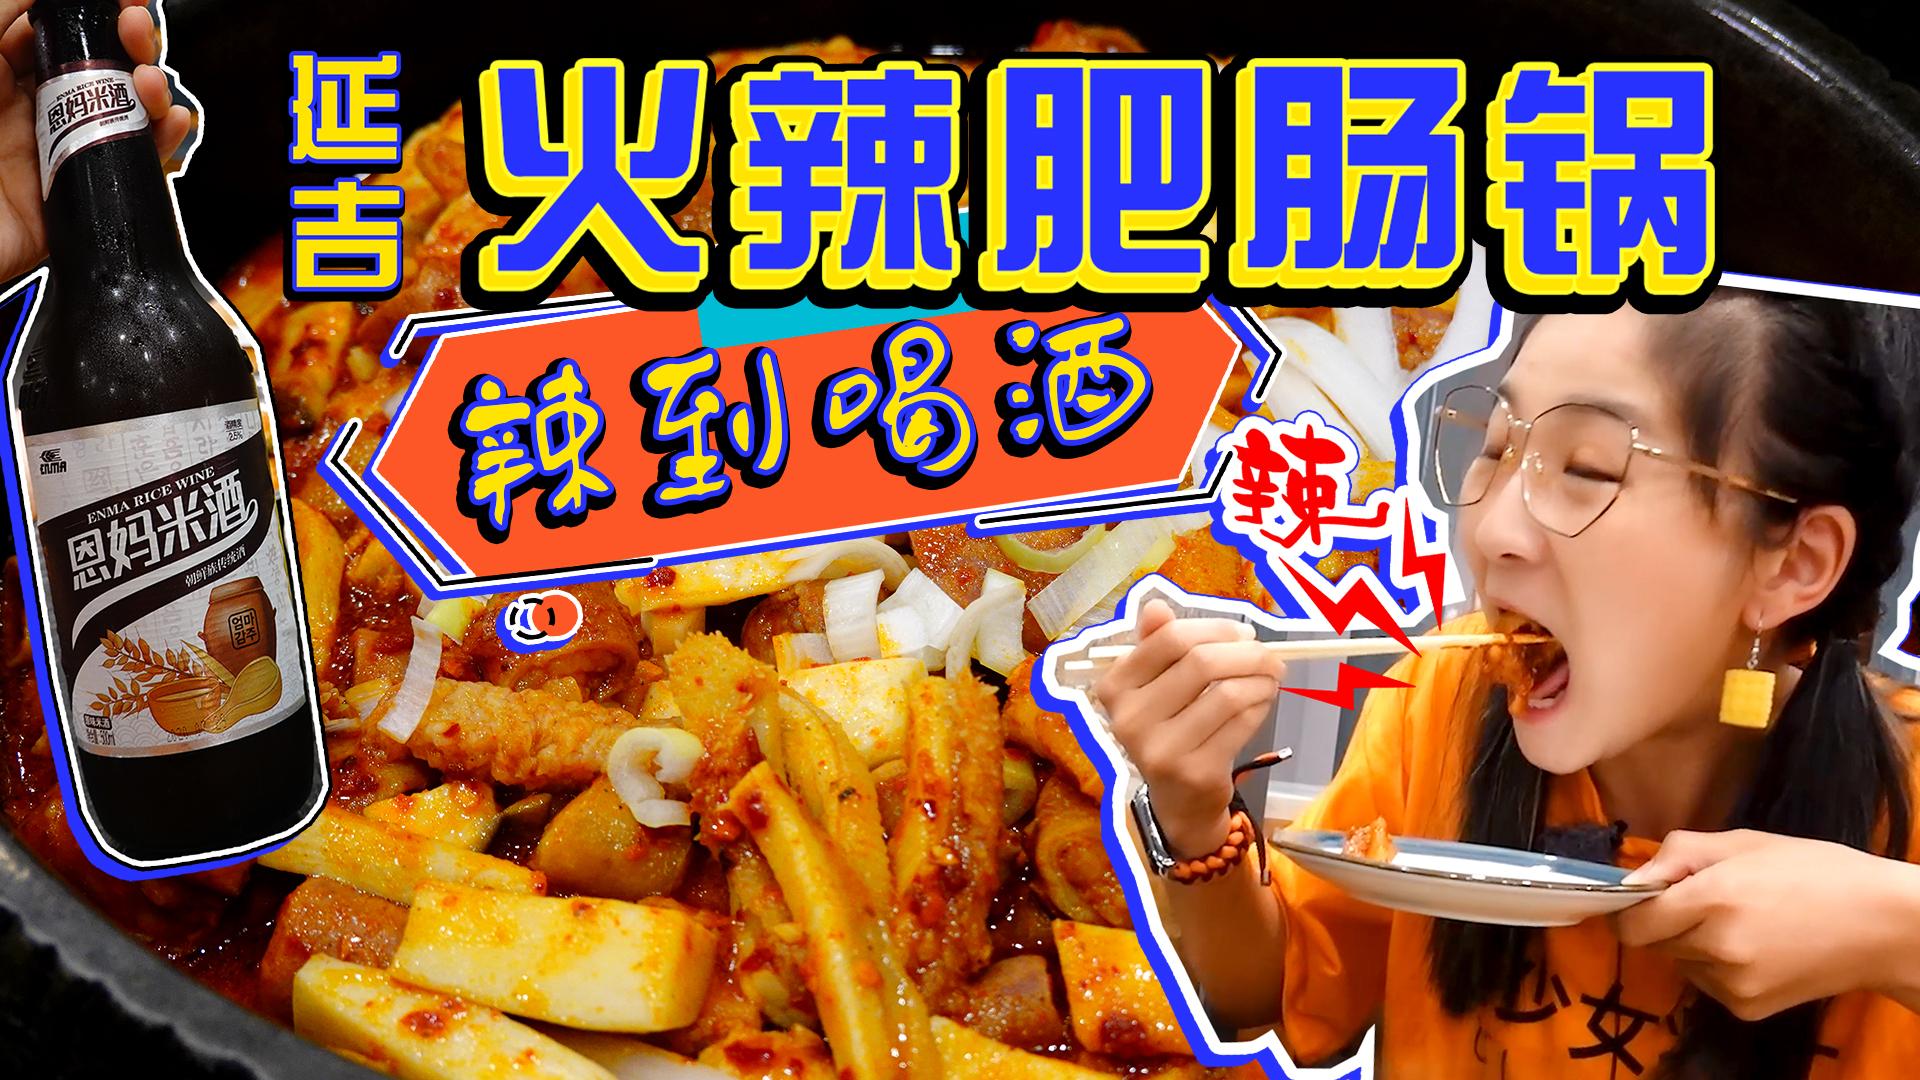 【逛吃延吉】辣到喝酒的火辣辣肥肠!辣着把辣汁拌饭吃完,太爽了